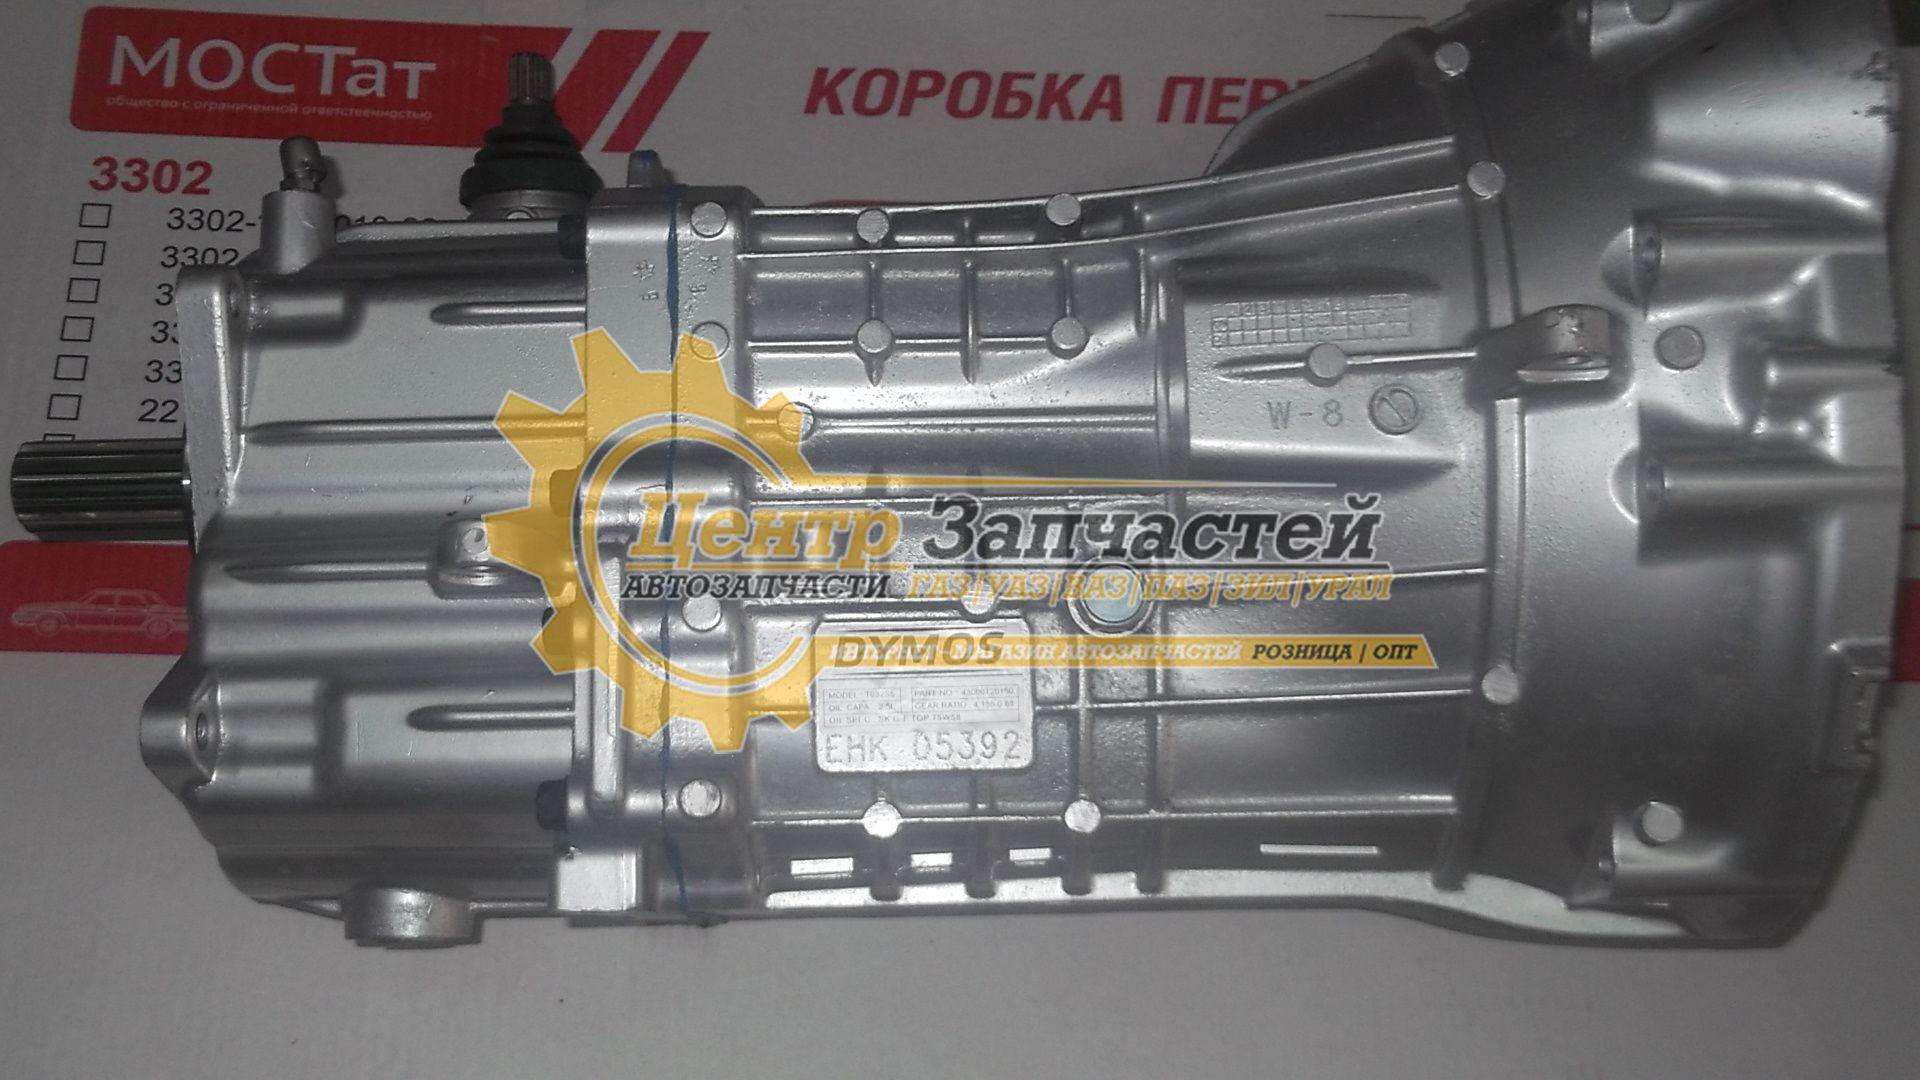 Коробка передач УАЗ (DYMOS) патриот двигатель ЗМЗ-409.  Артикул 3163-1700010.